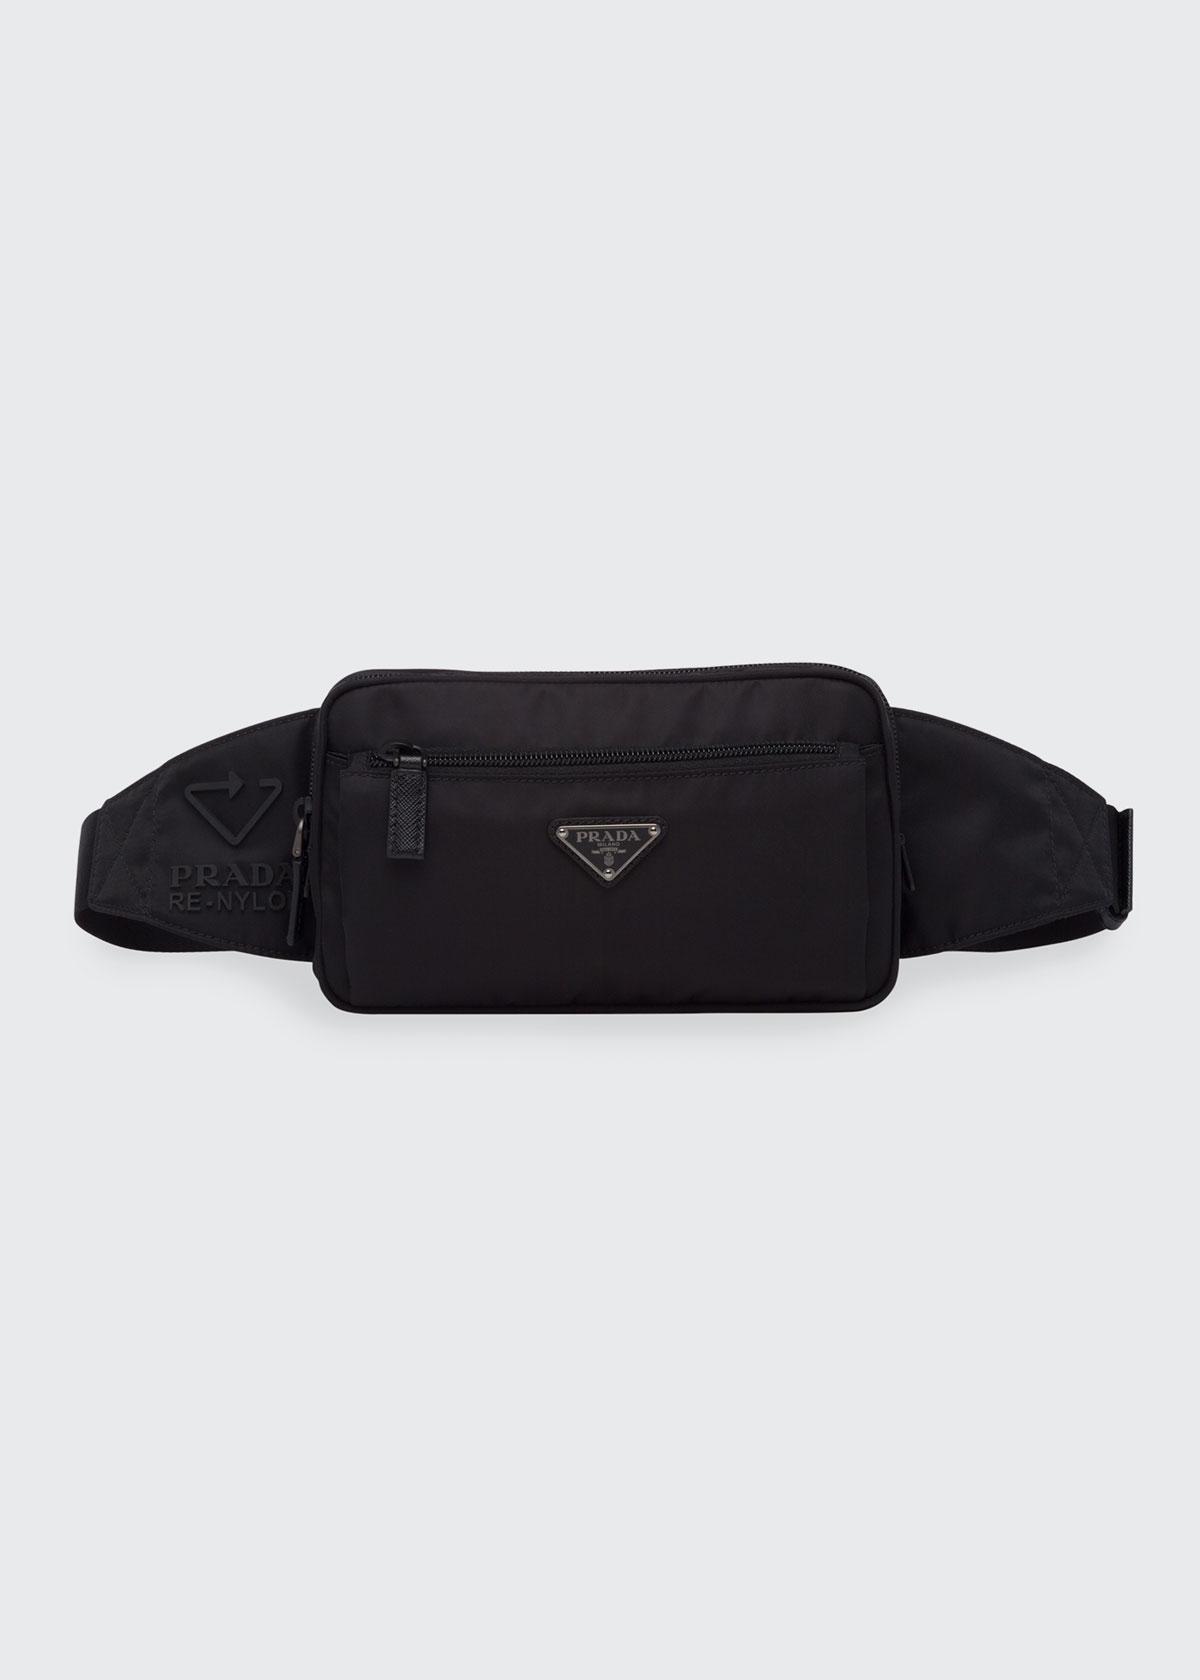 Prada Belt bags MEN'S FLAT SQUARE RE-NYLON BELT BAG